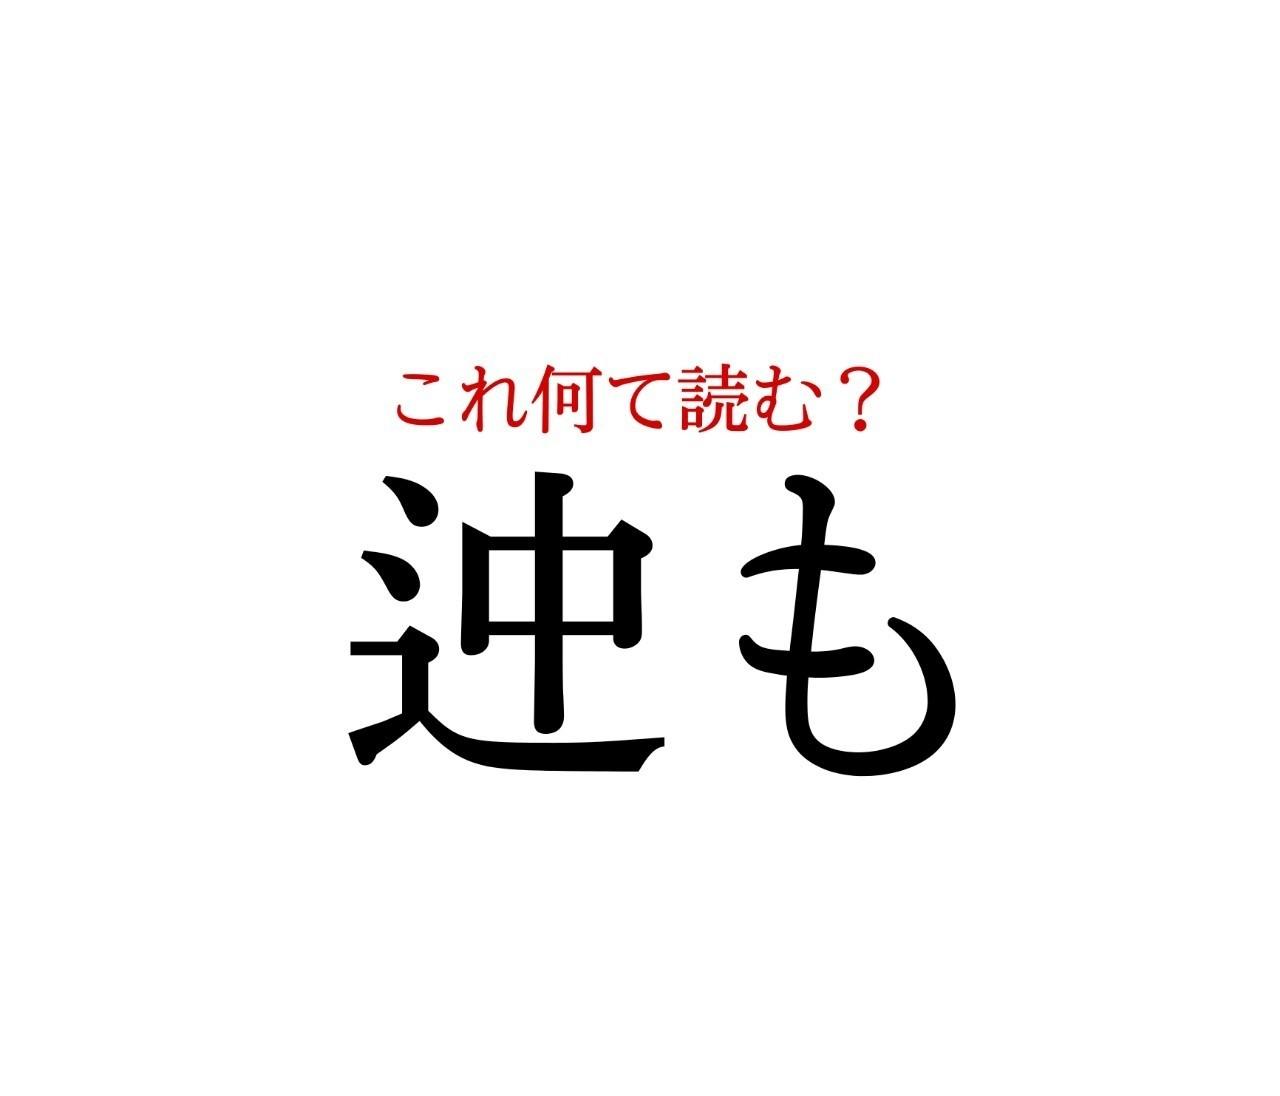 「迚も」:この漢字、自信を持って読めますか?【働く大人の漢字クイズvol.255】